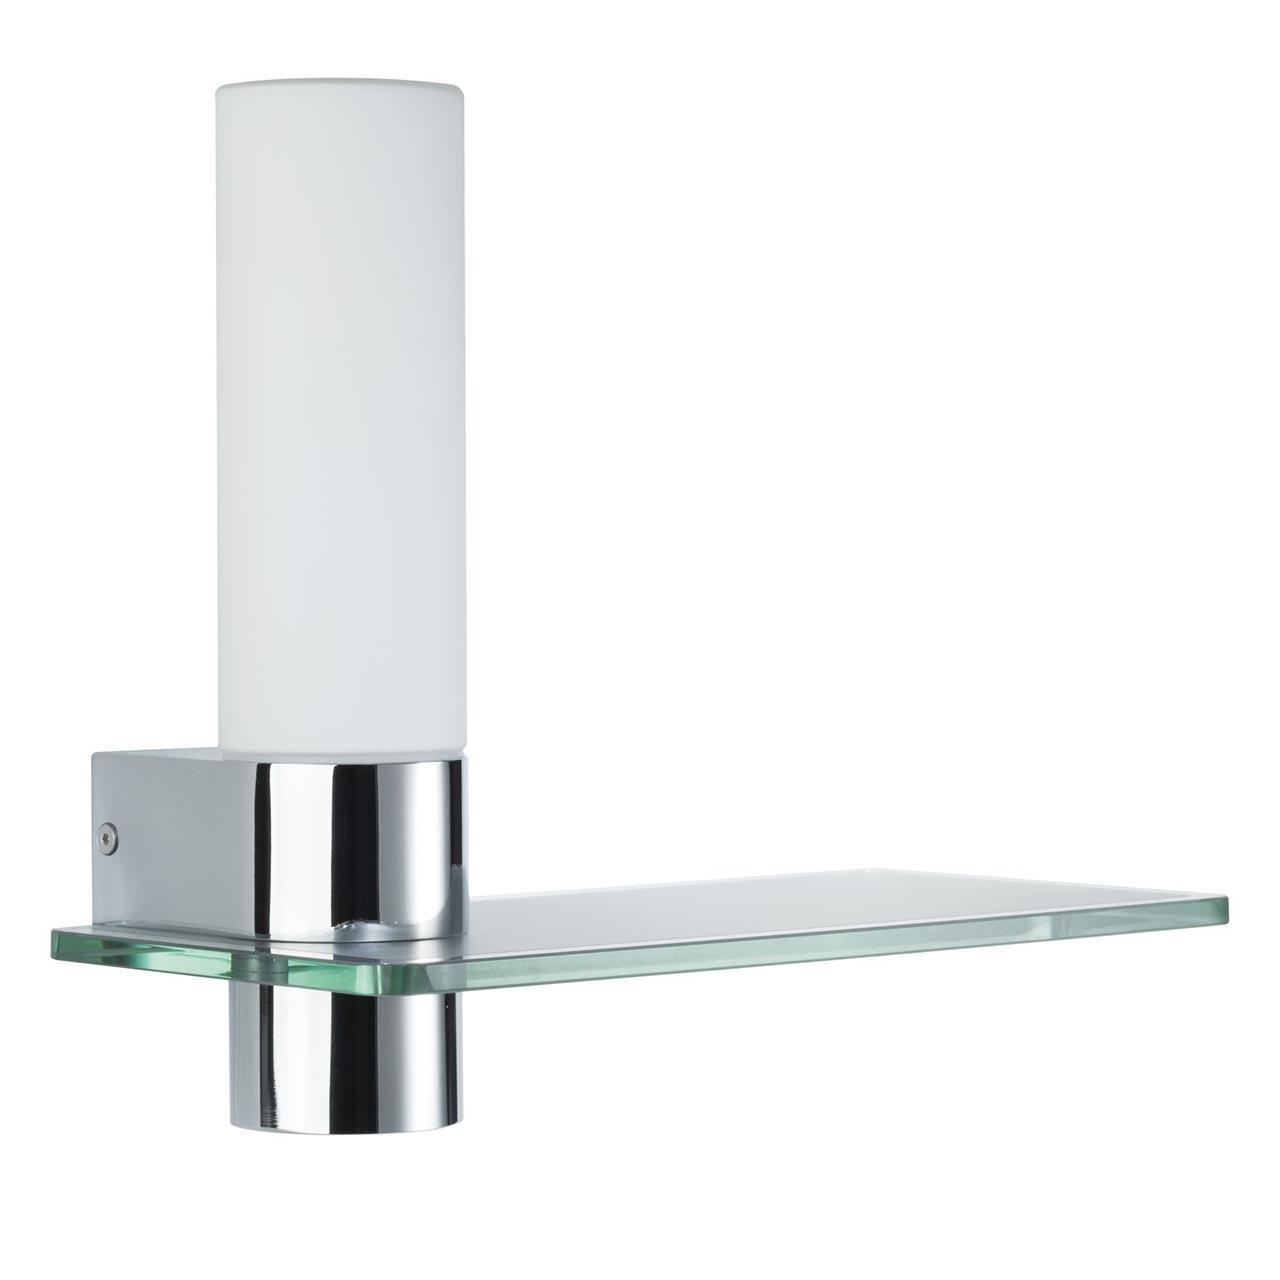 Подсветка для зеркал Elektra с плафоном из стекла